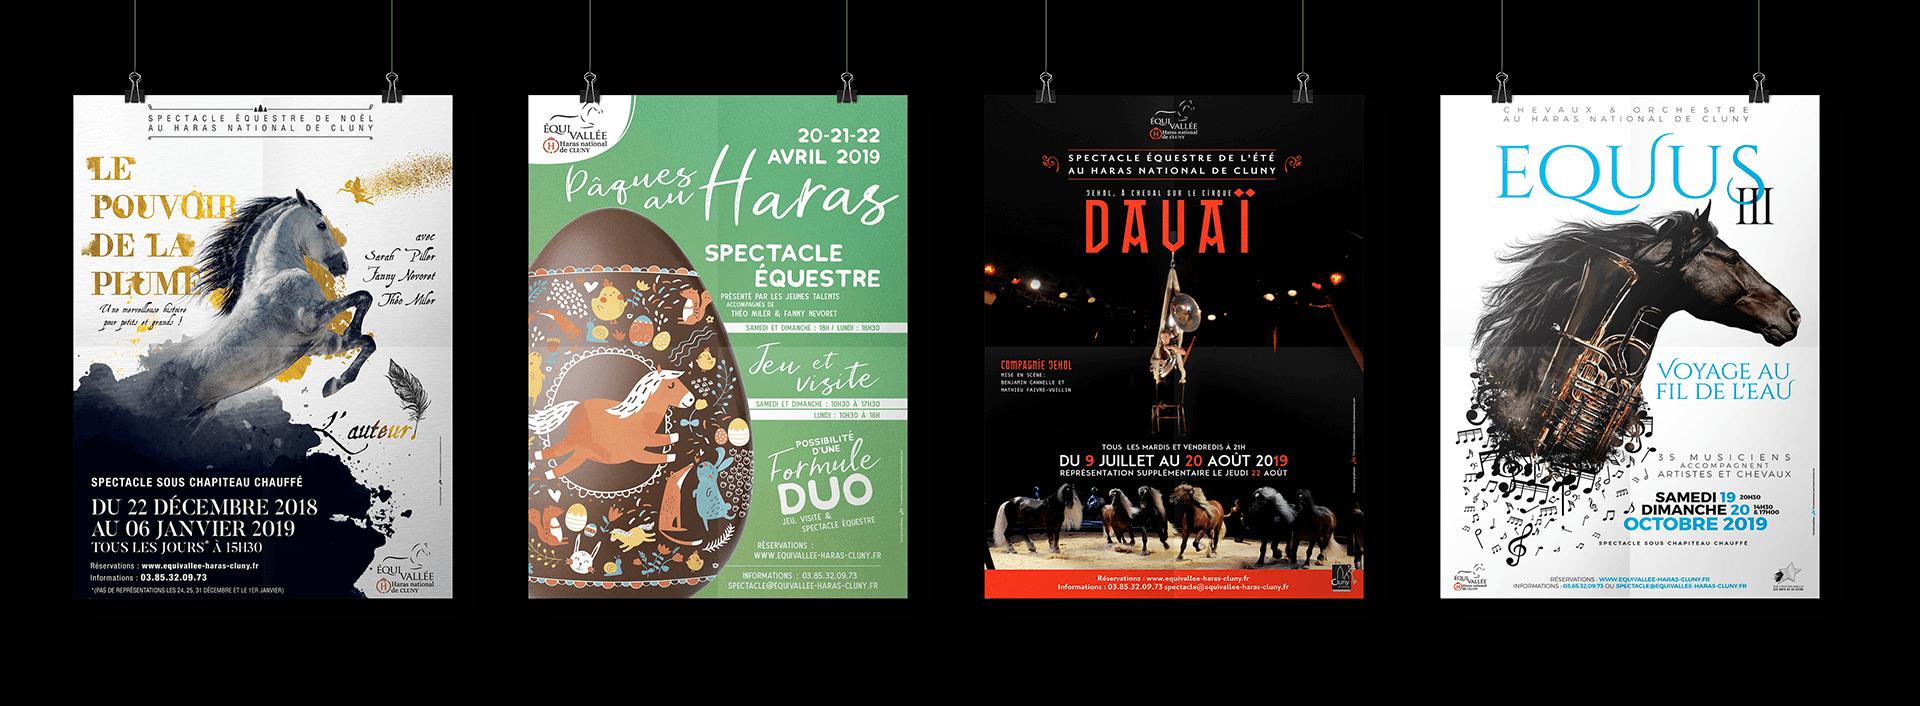 Réalisation d'affiches equivallée pour les différents spectacles du Haras de Cluny